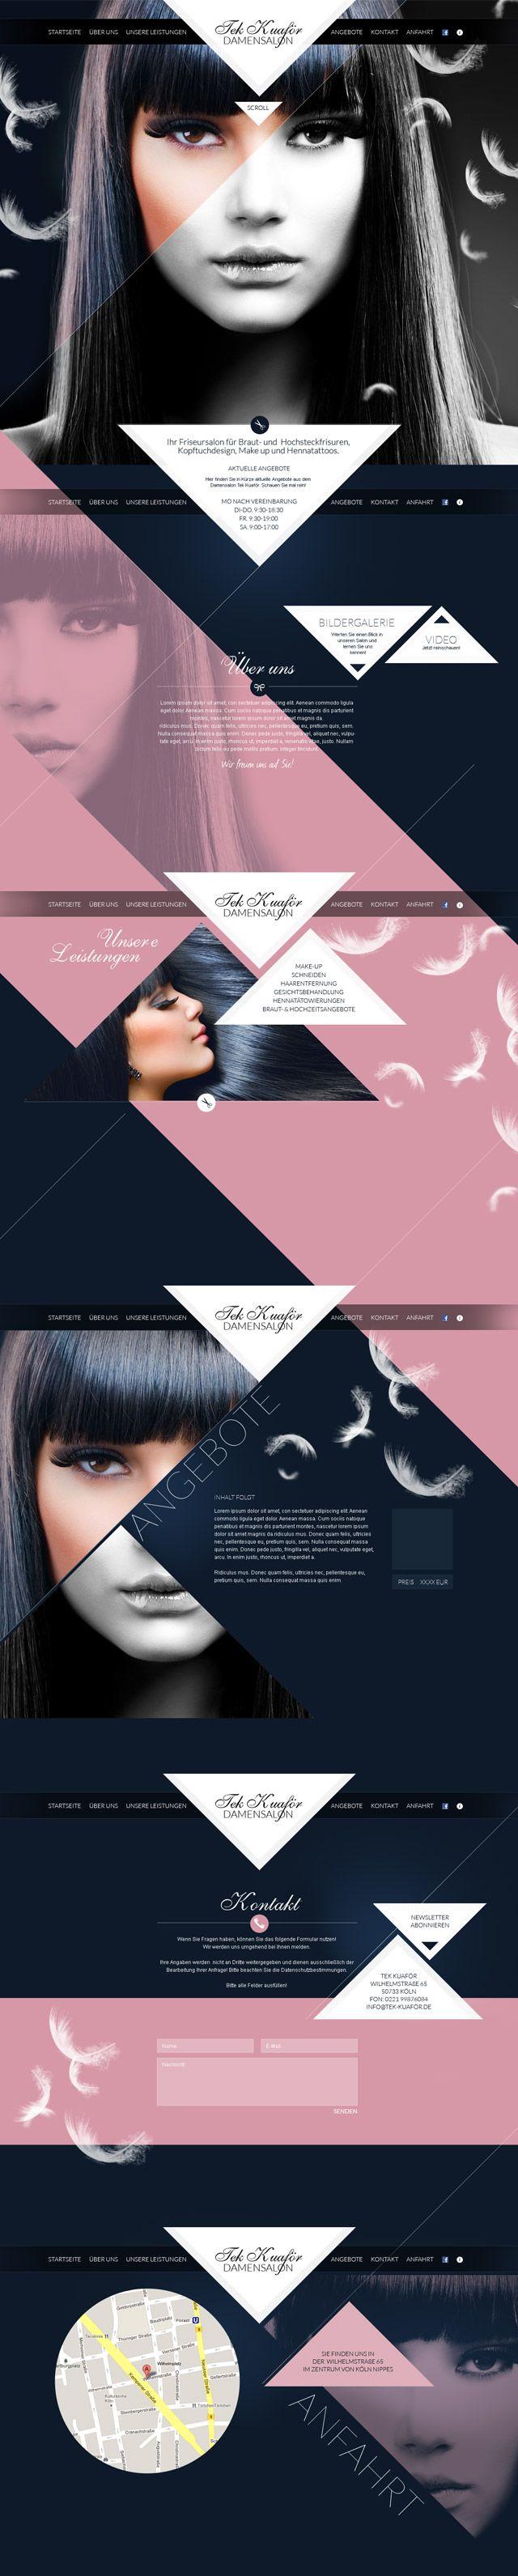 best website design images on pinterest color palettes design